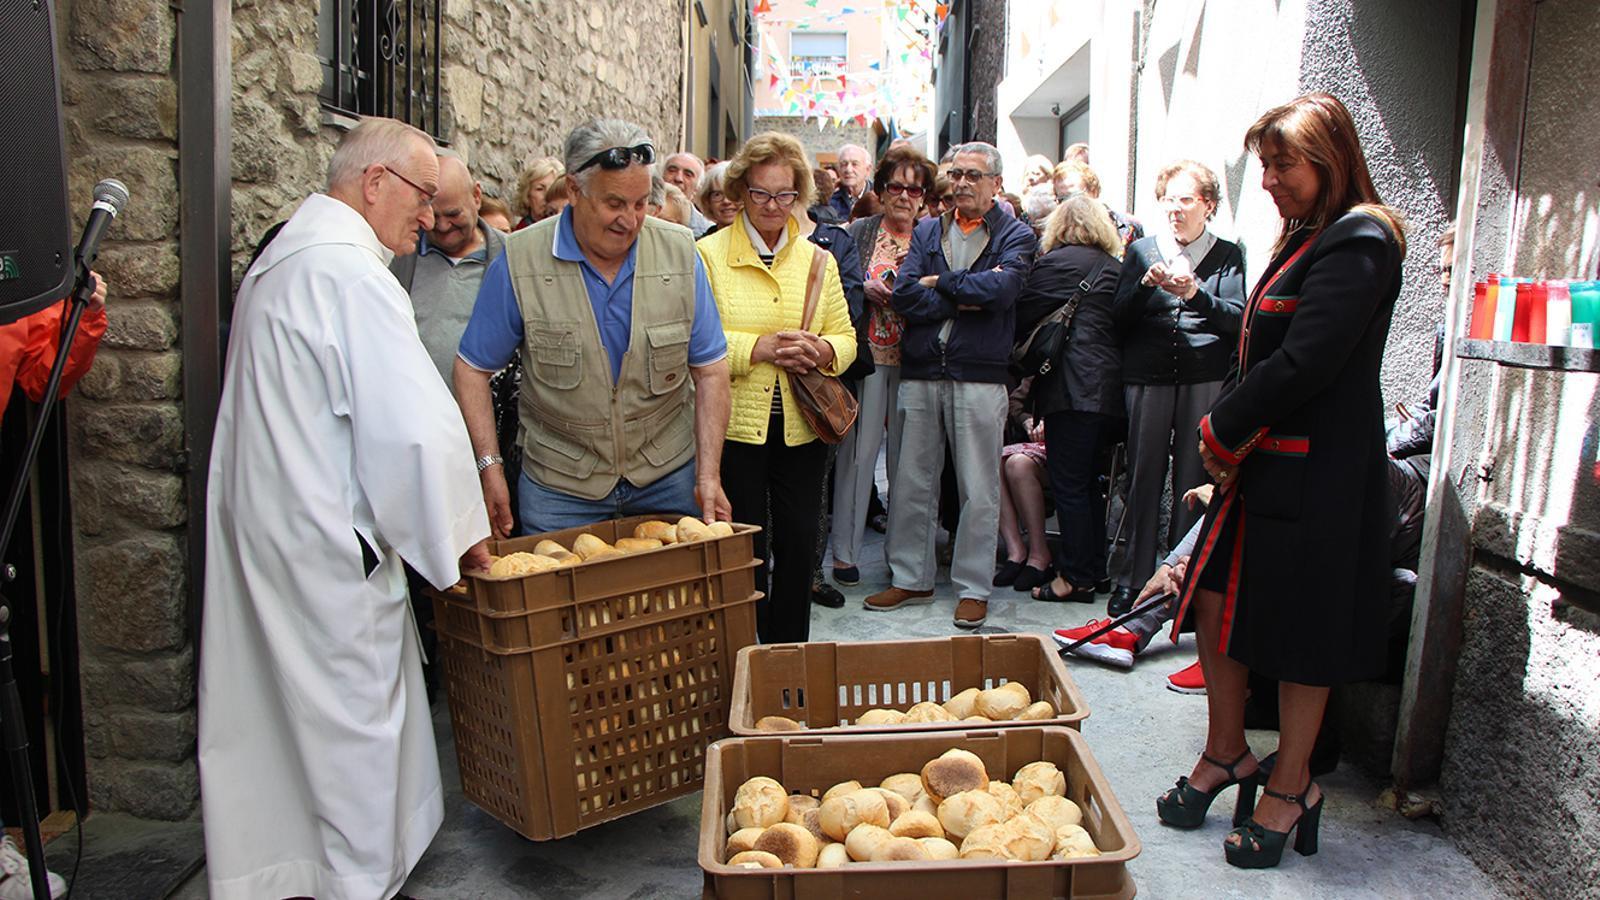 La cònsol d'Andorra la Vella, Conxita Marsol, just abans del repartiment de pans al barri del Puial. / C. G. (ANA)